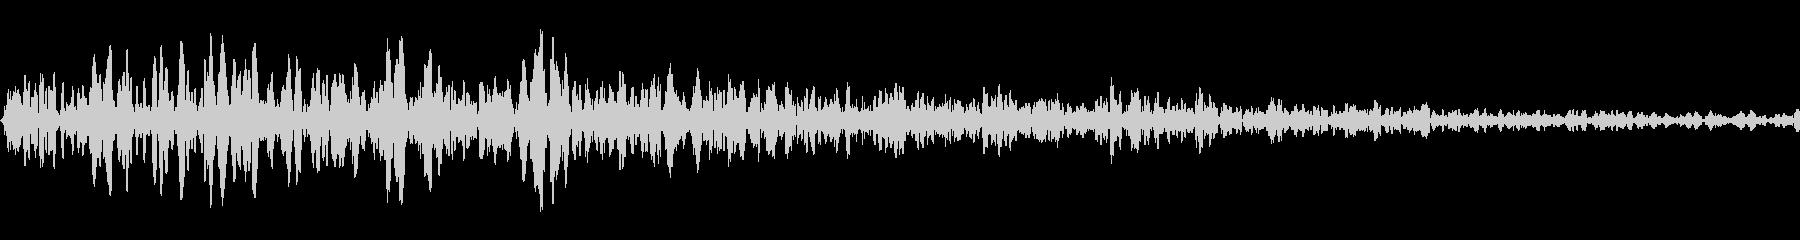 キャットドライブシングルヒットの未再生の波形